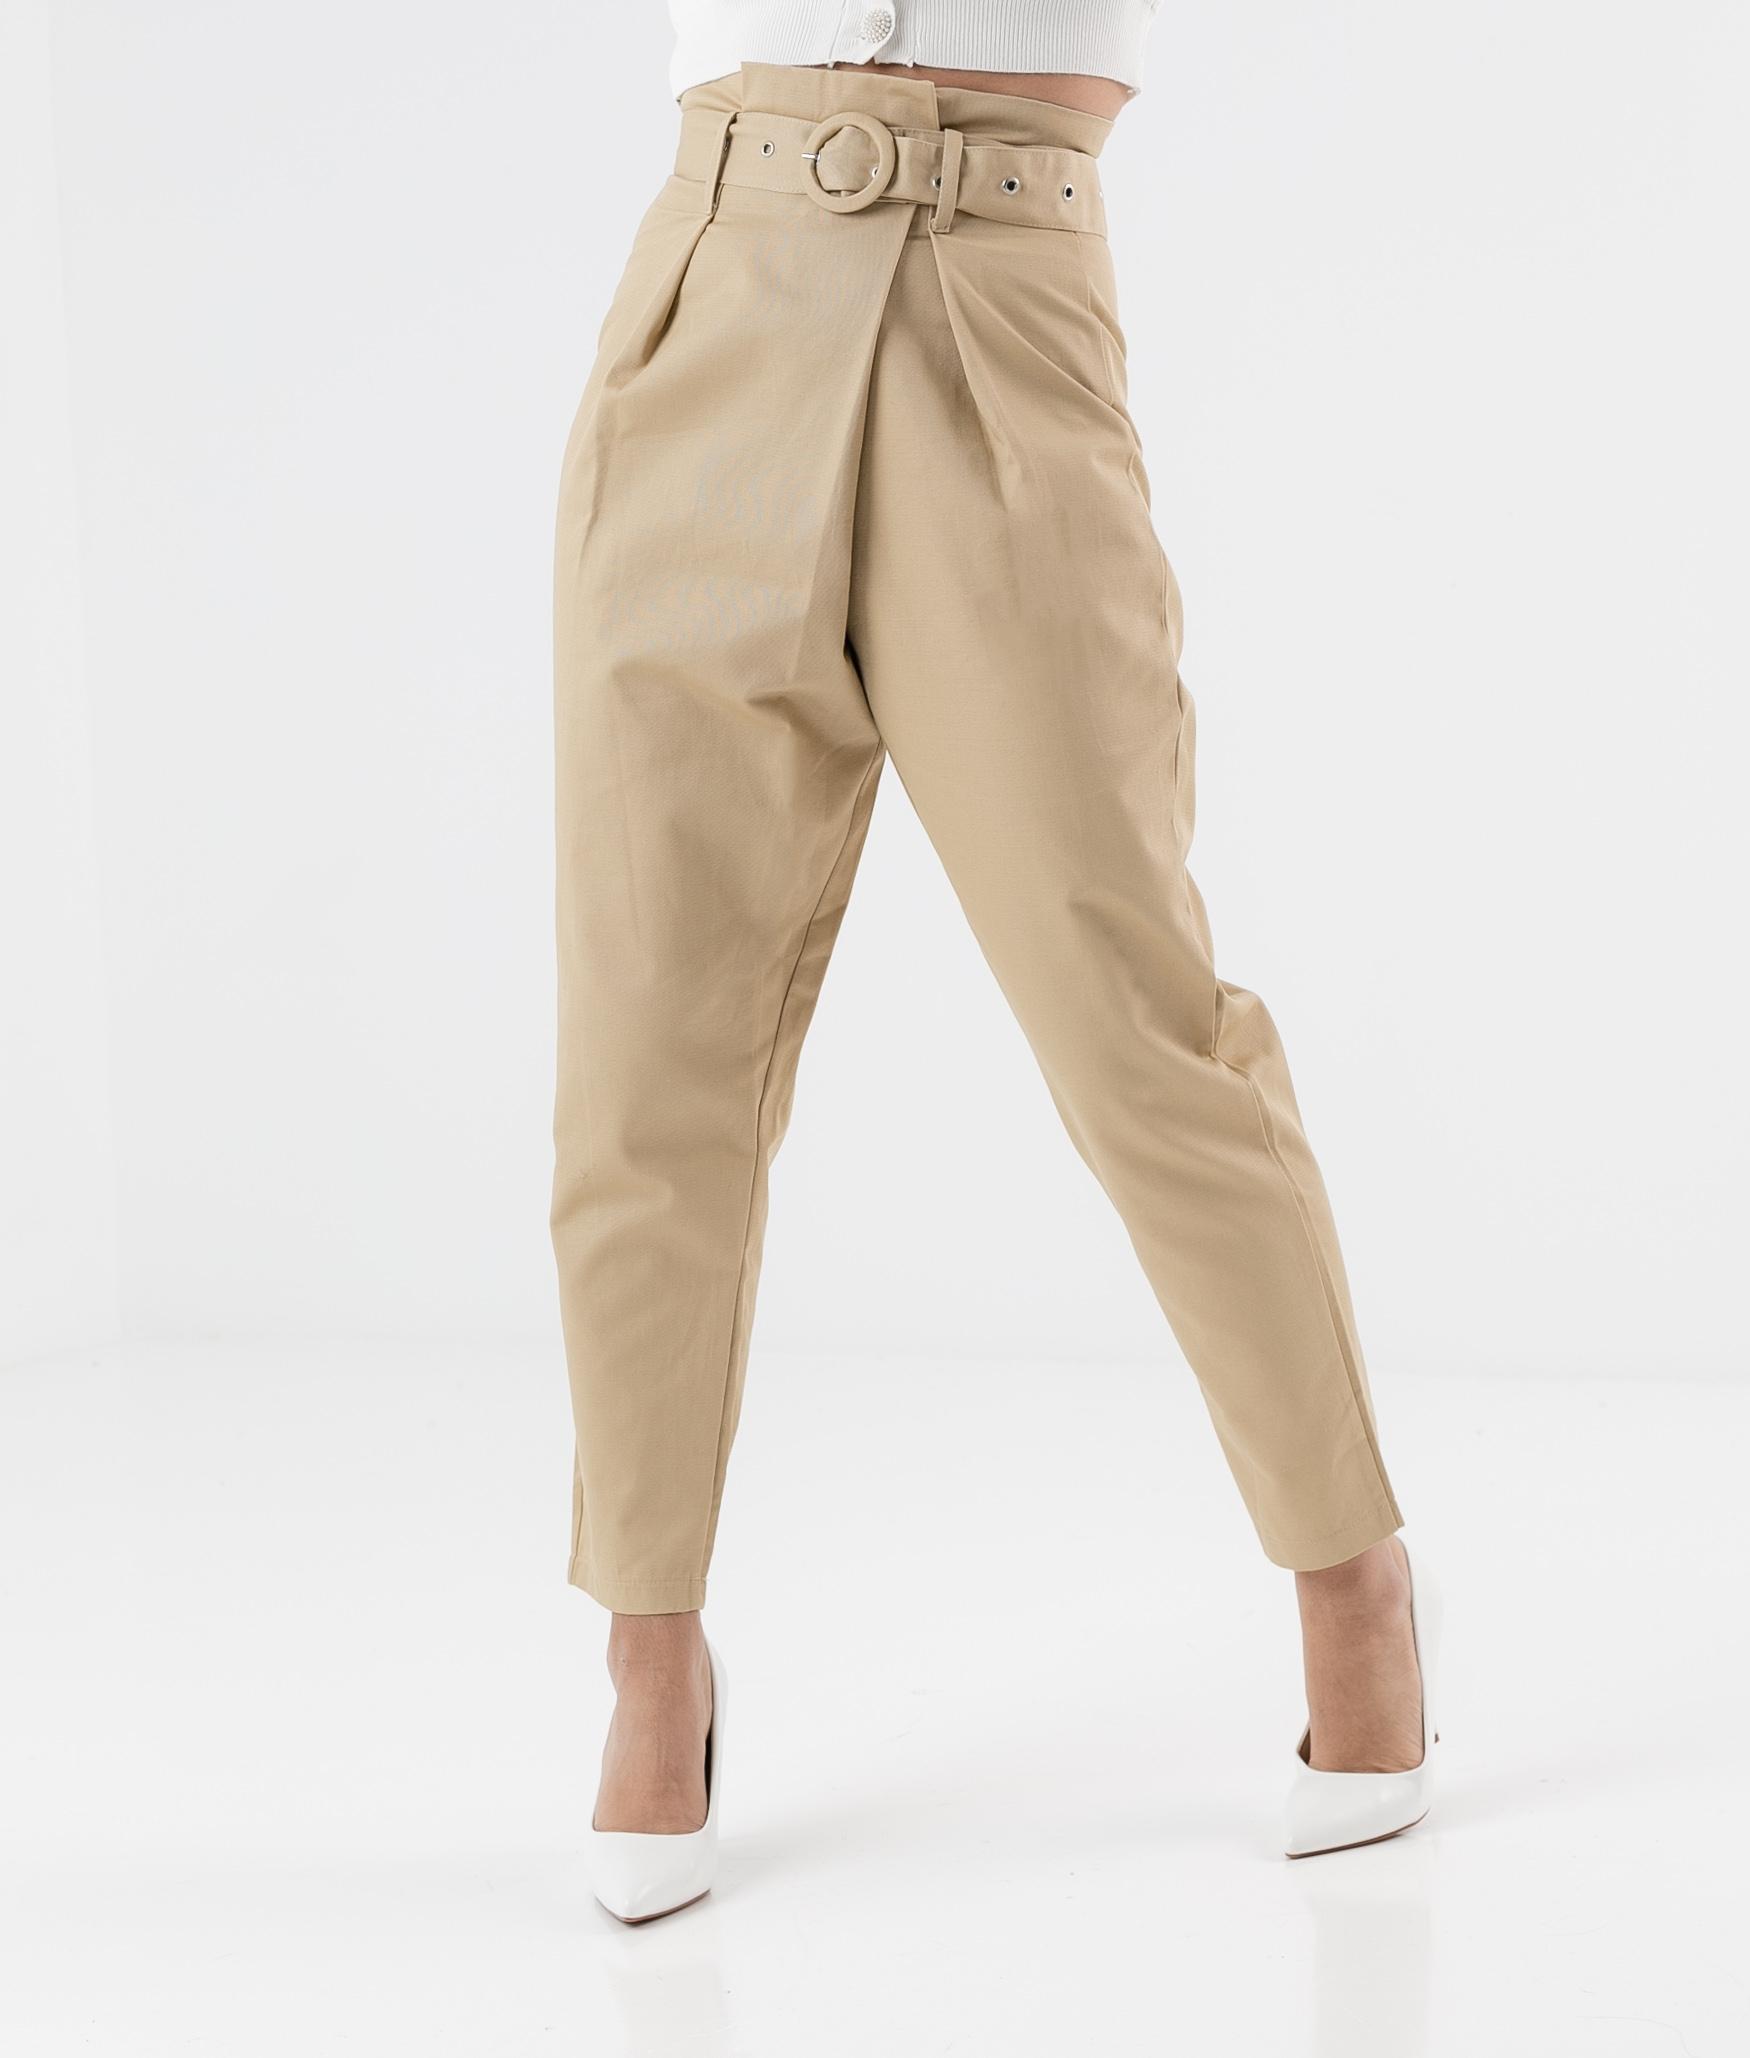 Pantalón Kenira - Beige